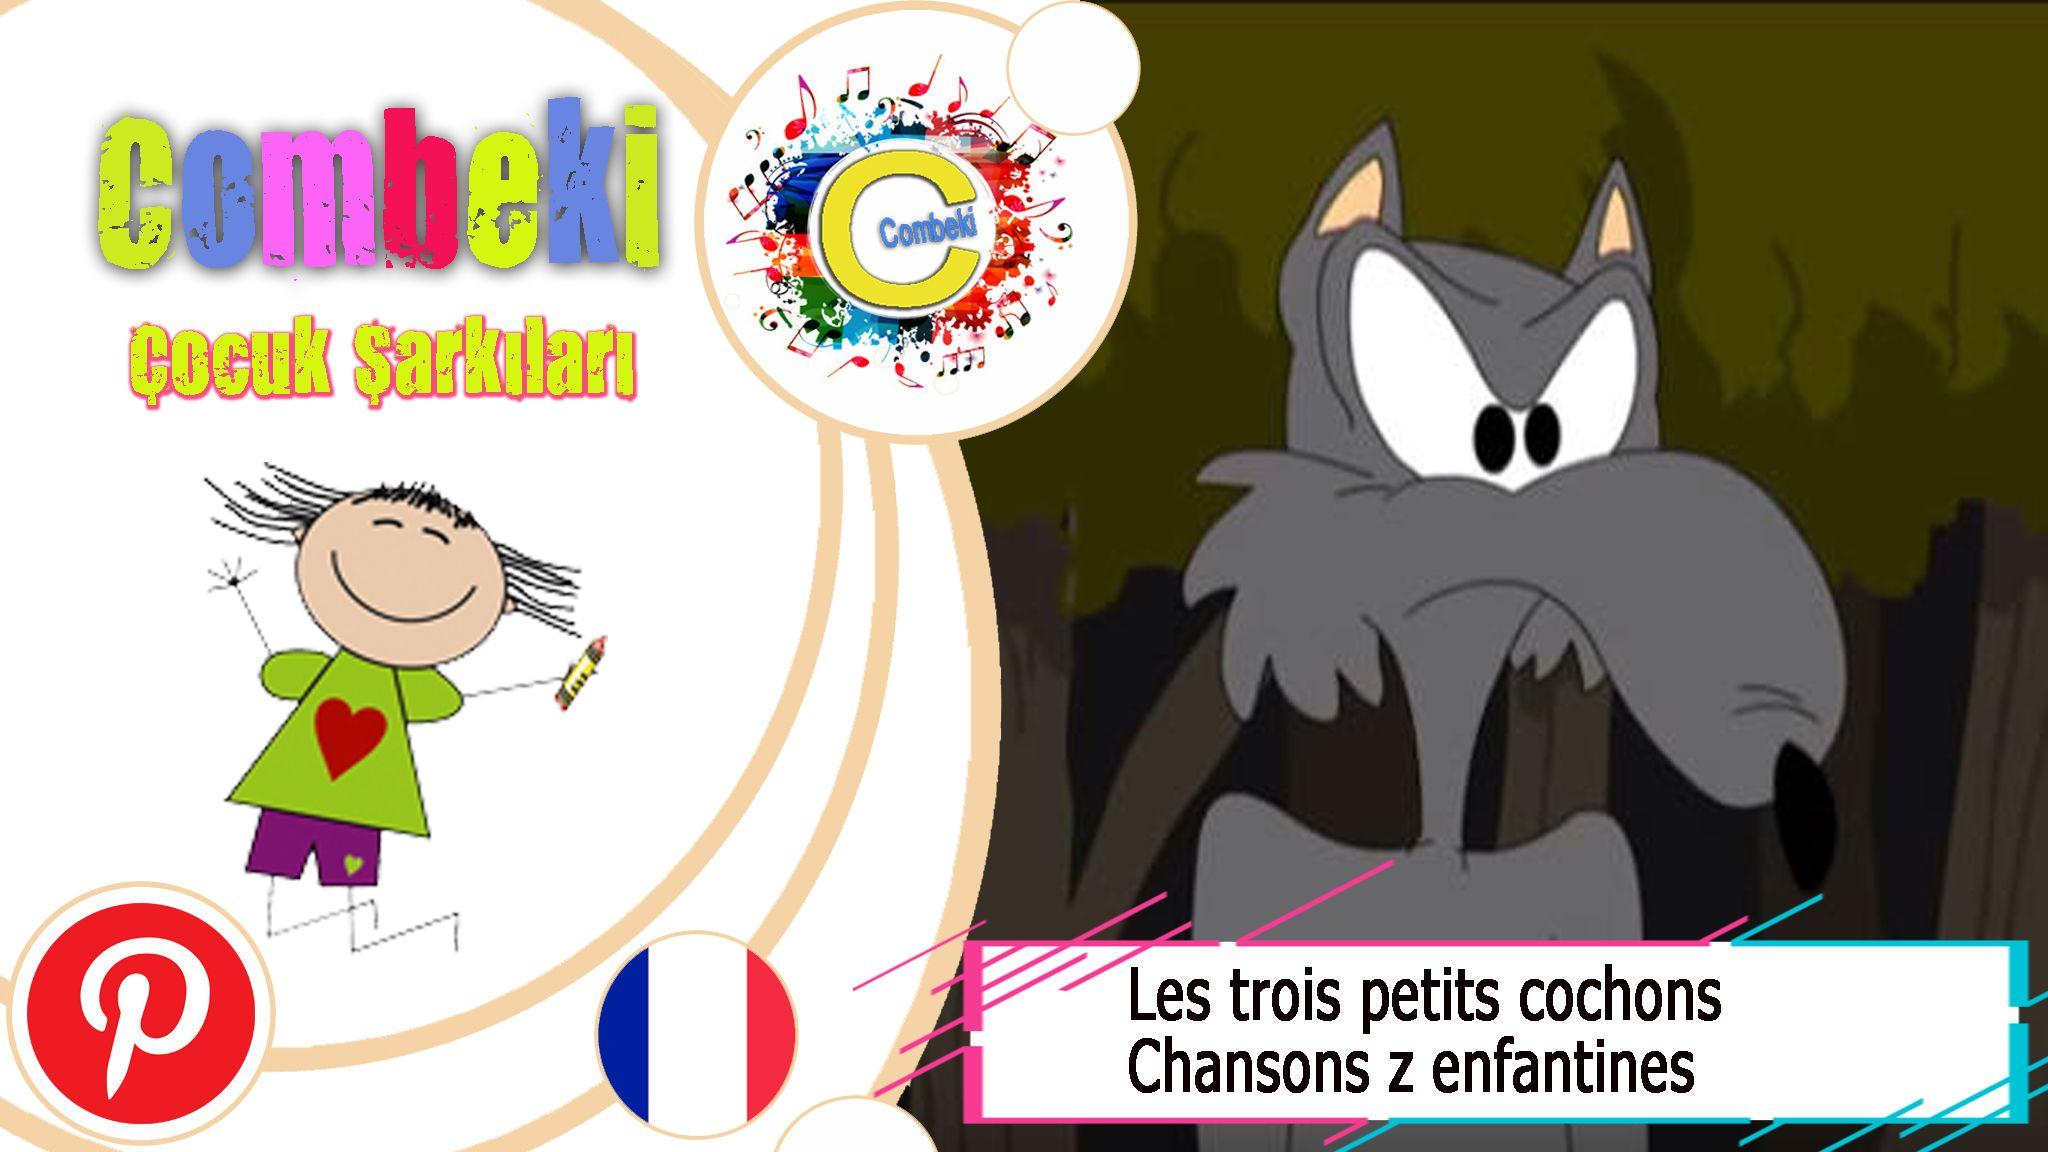 Les Trois Petits Cochons - Chansons Enfantines - Paroles dedans Parole Chanson 3 Petit Chat